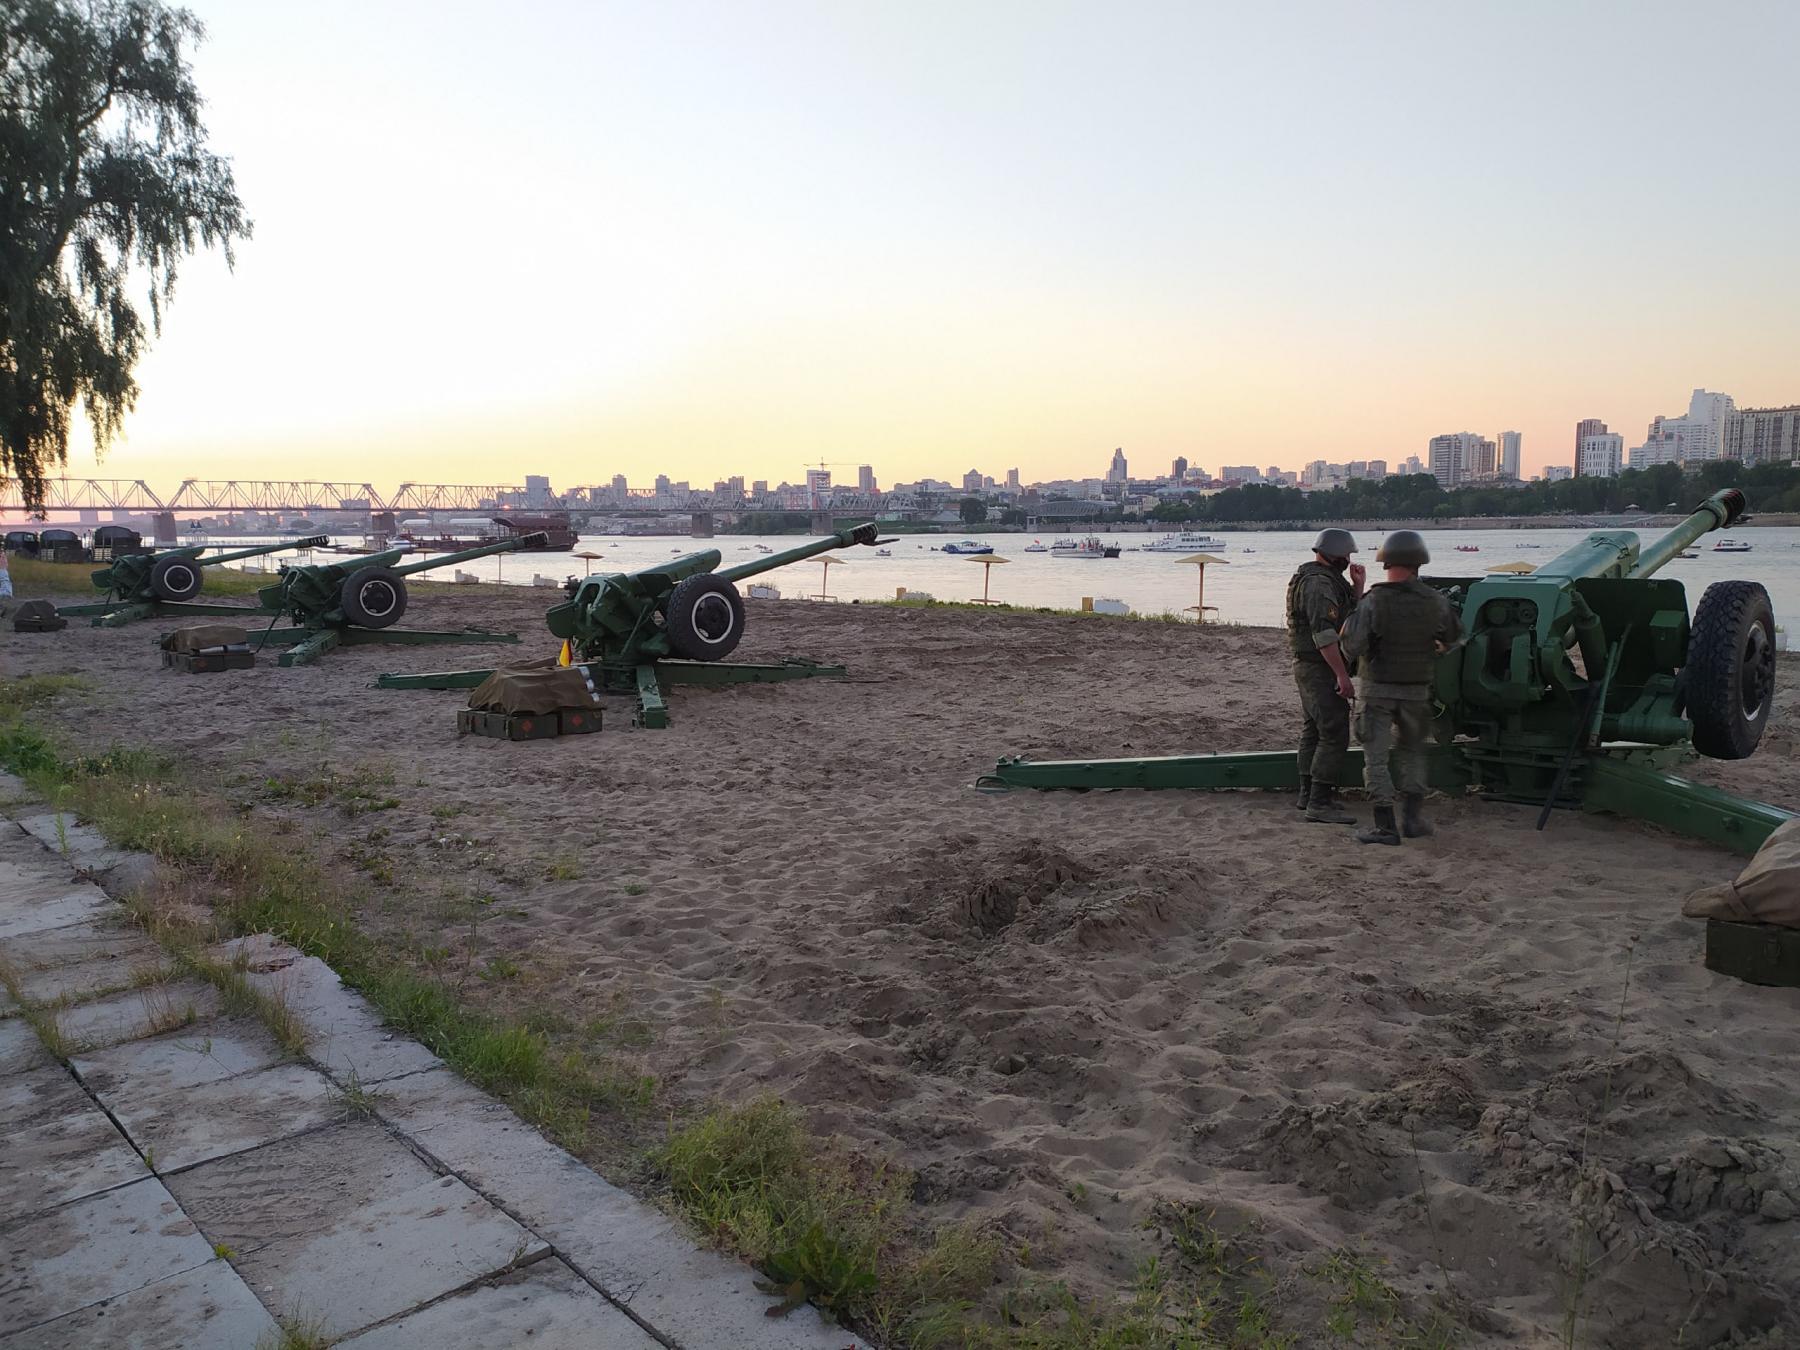 фото Обратная сторона салюта: как готовили фейерверк в Новосибирске и кто стрелял 8